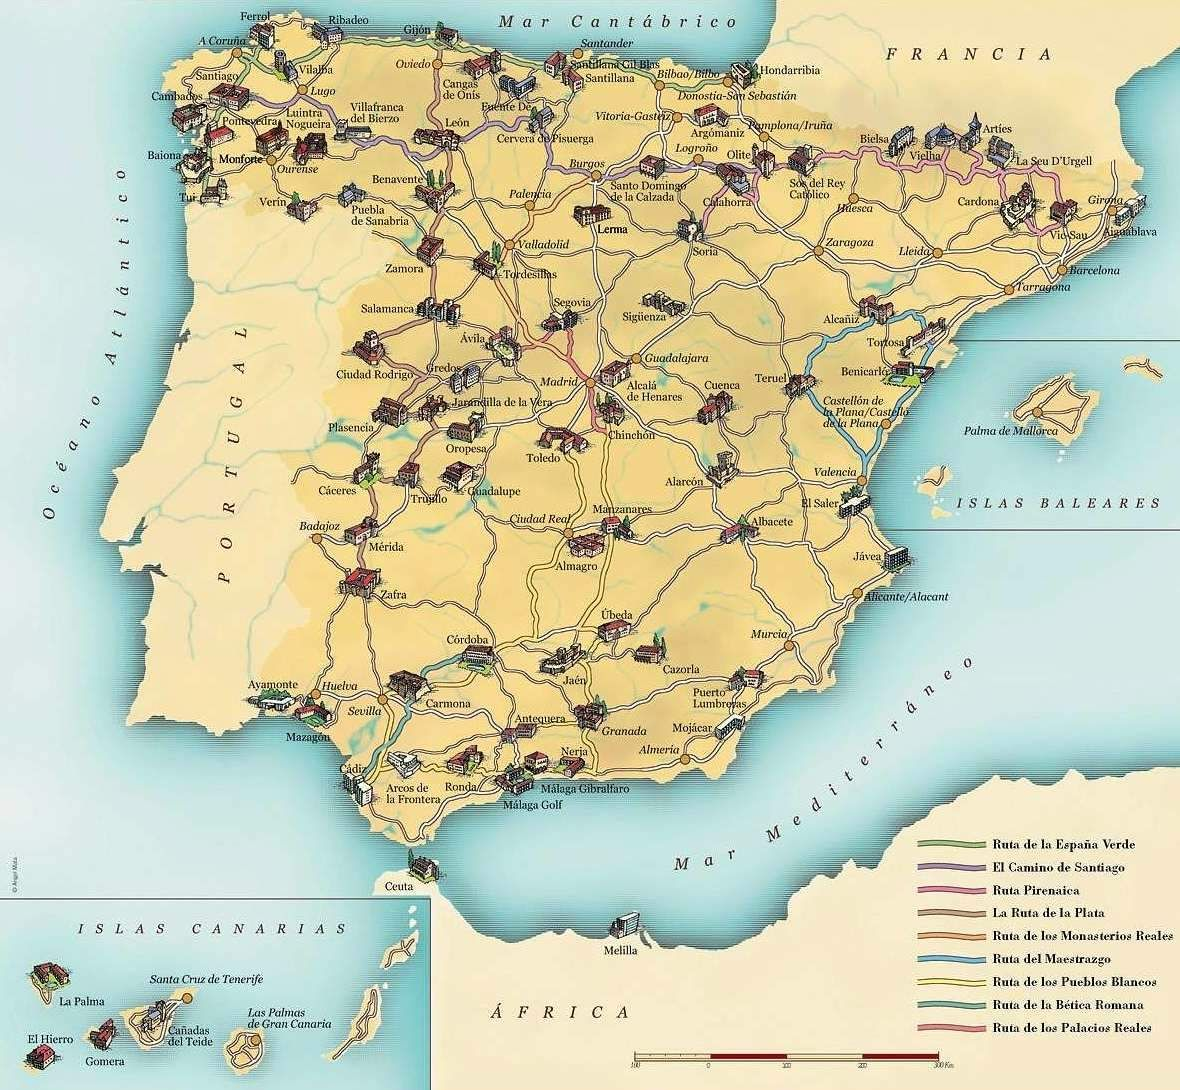 Mapnew Jpg 1 180 1 090 Pixels Mapas Islas Baleares Islas